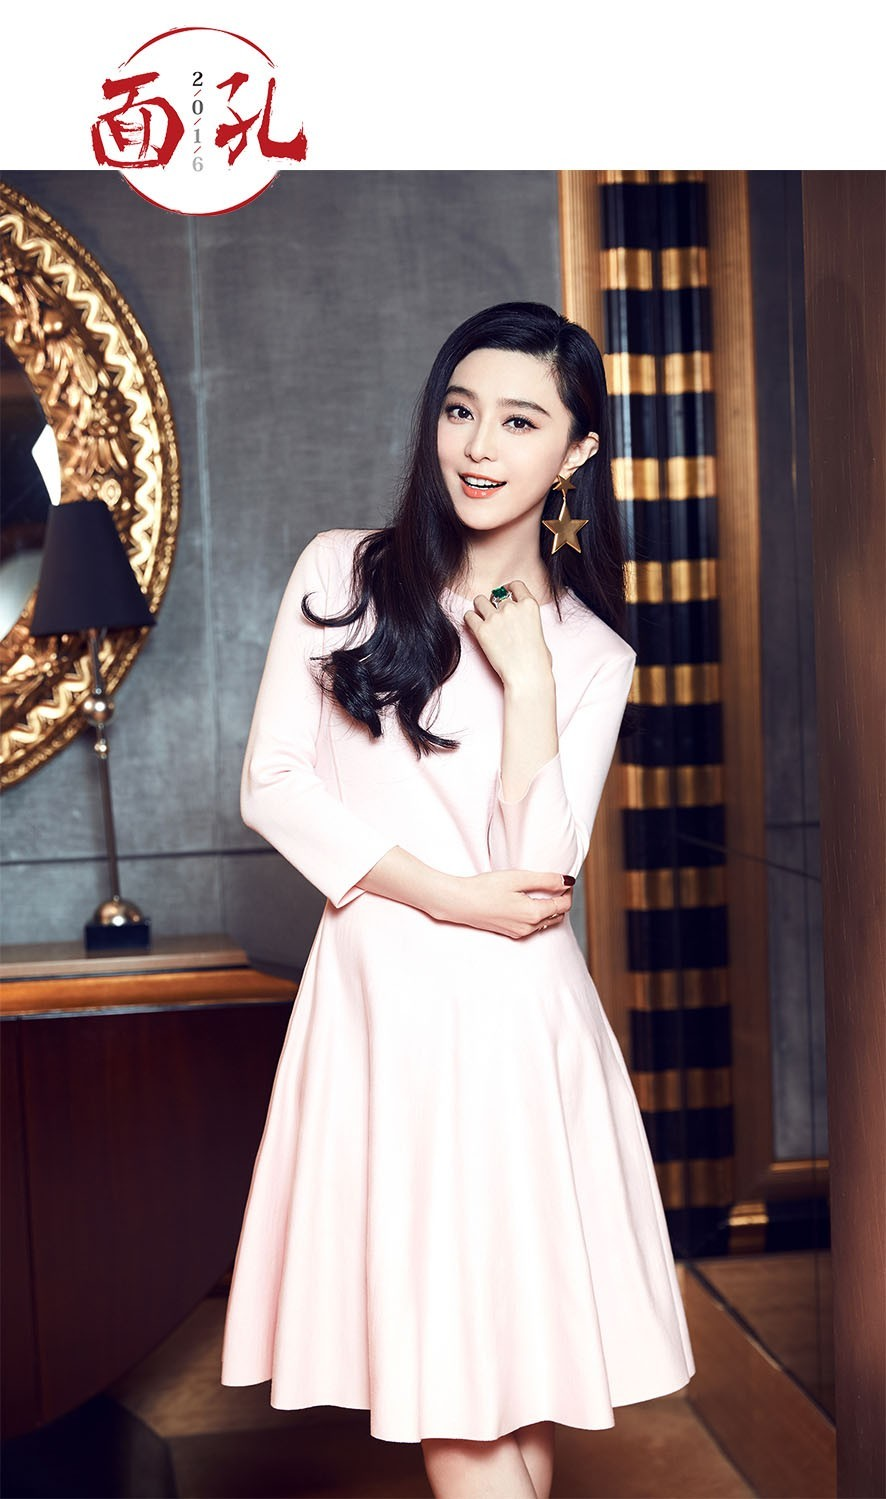 在冯小刚新作《我不是潘金莲》的庆功会上,范冰冰接受新京报专访。新京报记者 郭延冰摄